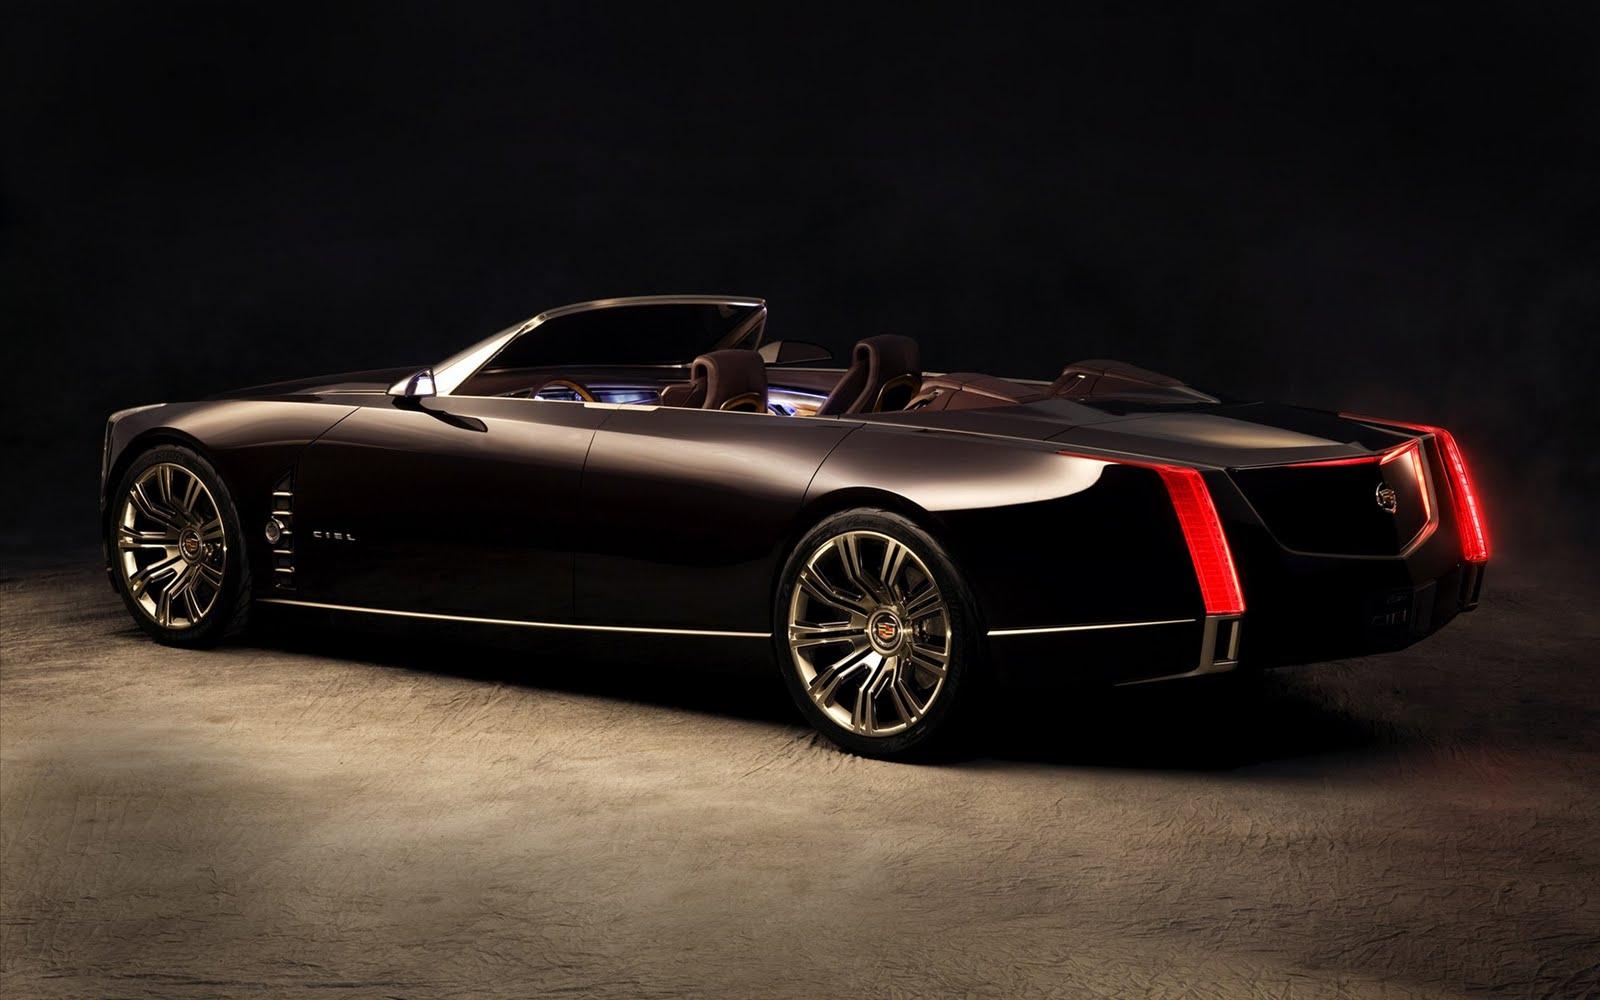 http://1.bp.blogspot.com/-8-IqX3I0AzA/TlFmEF4BAII/AAAAAAAAAxM/uzBsTOjgwO0/s1600/Cadillac-Ciel-Concept-2011-widescreen-03.jpg